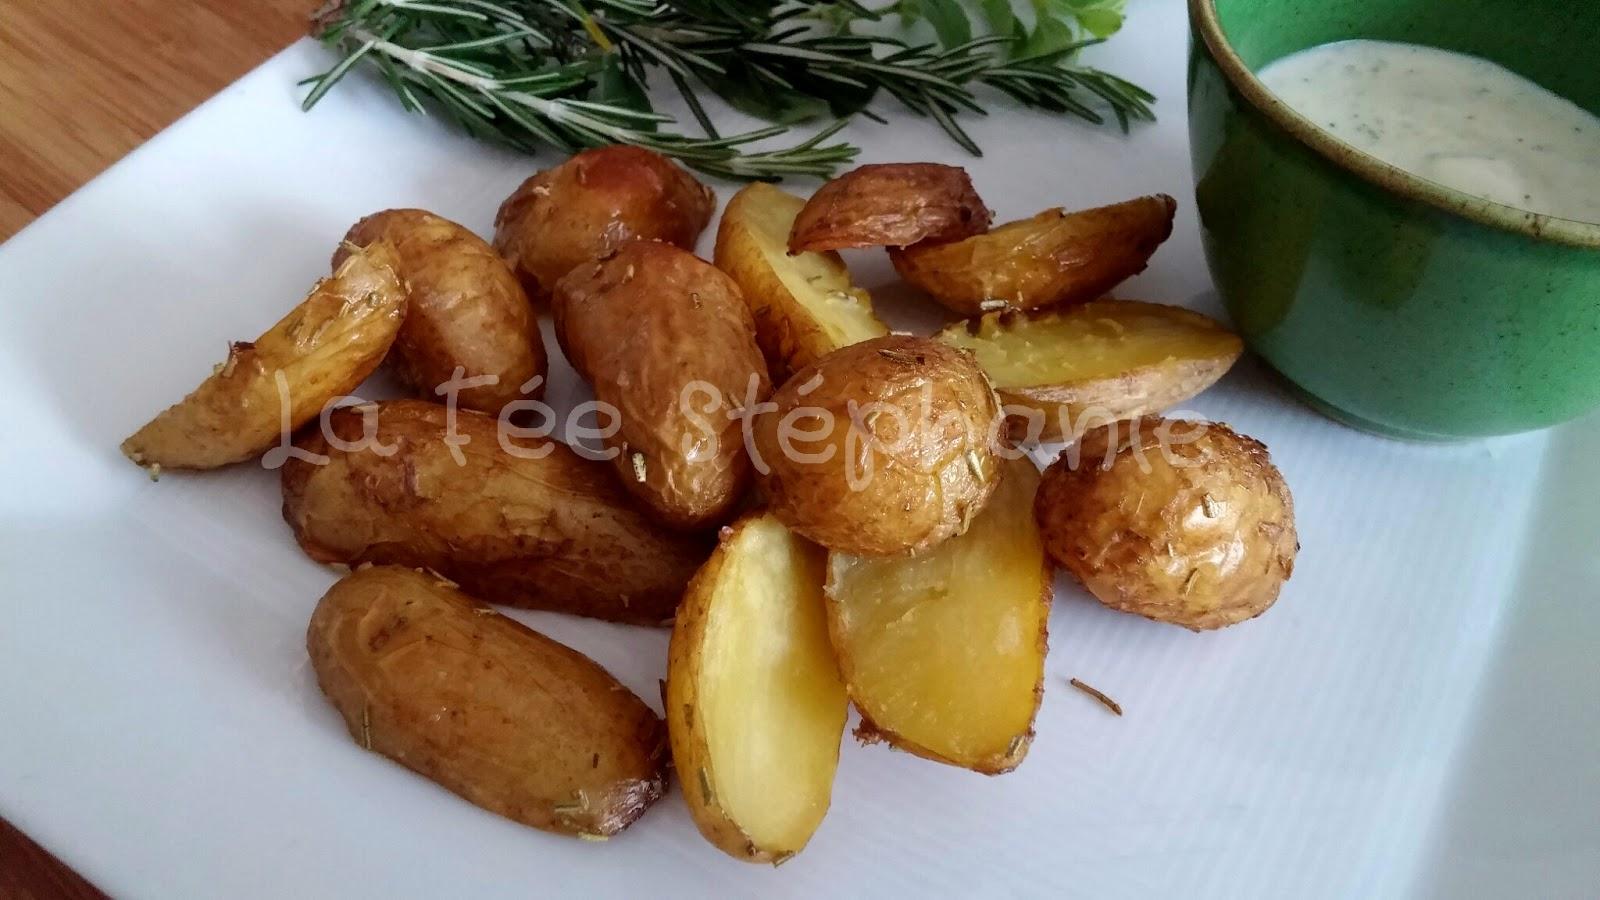 Pommes de terre nouvelles et sauce au yaourt aromatis e aux oignons et l 39 ail grill s la f e - Cuisiner des pommes de terre nouvelles ...